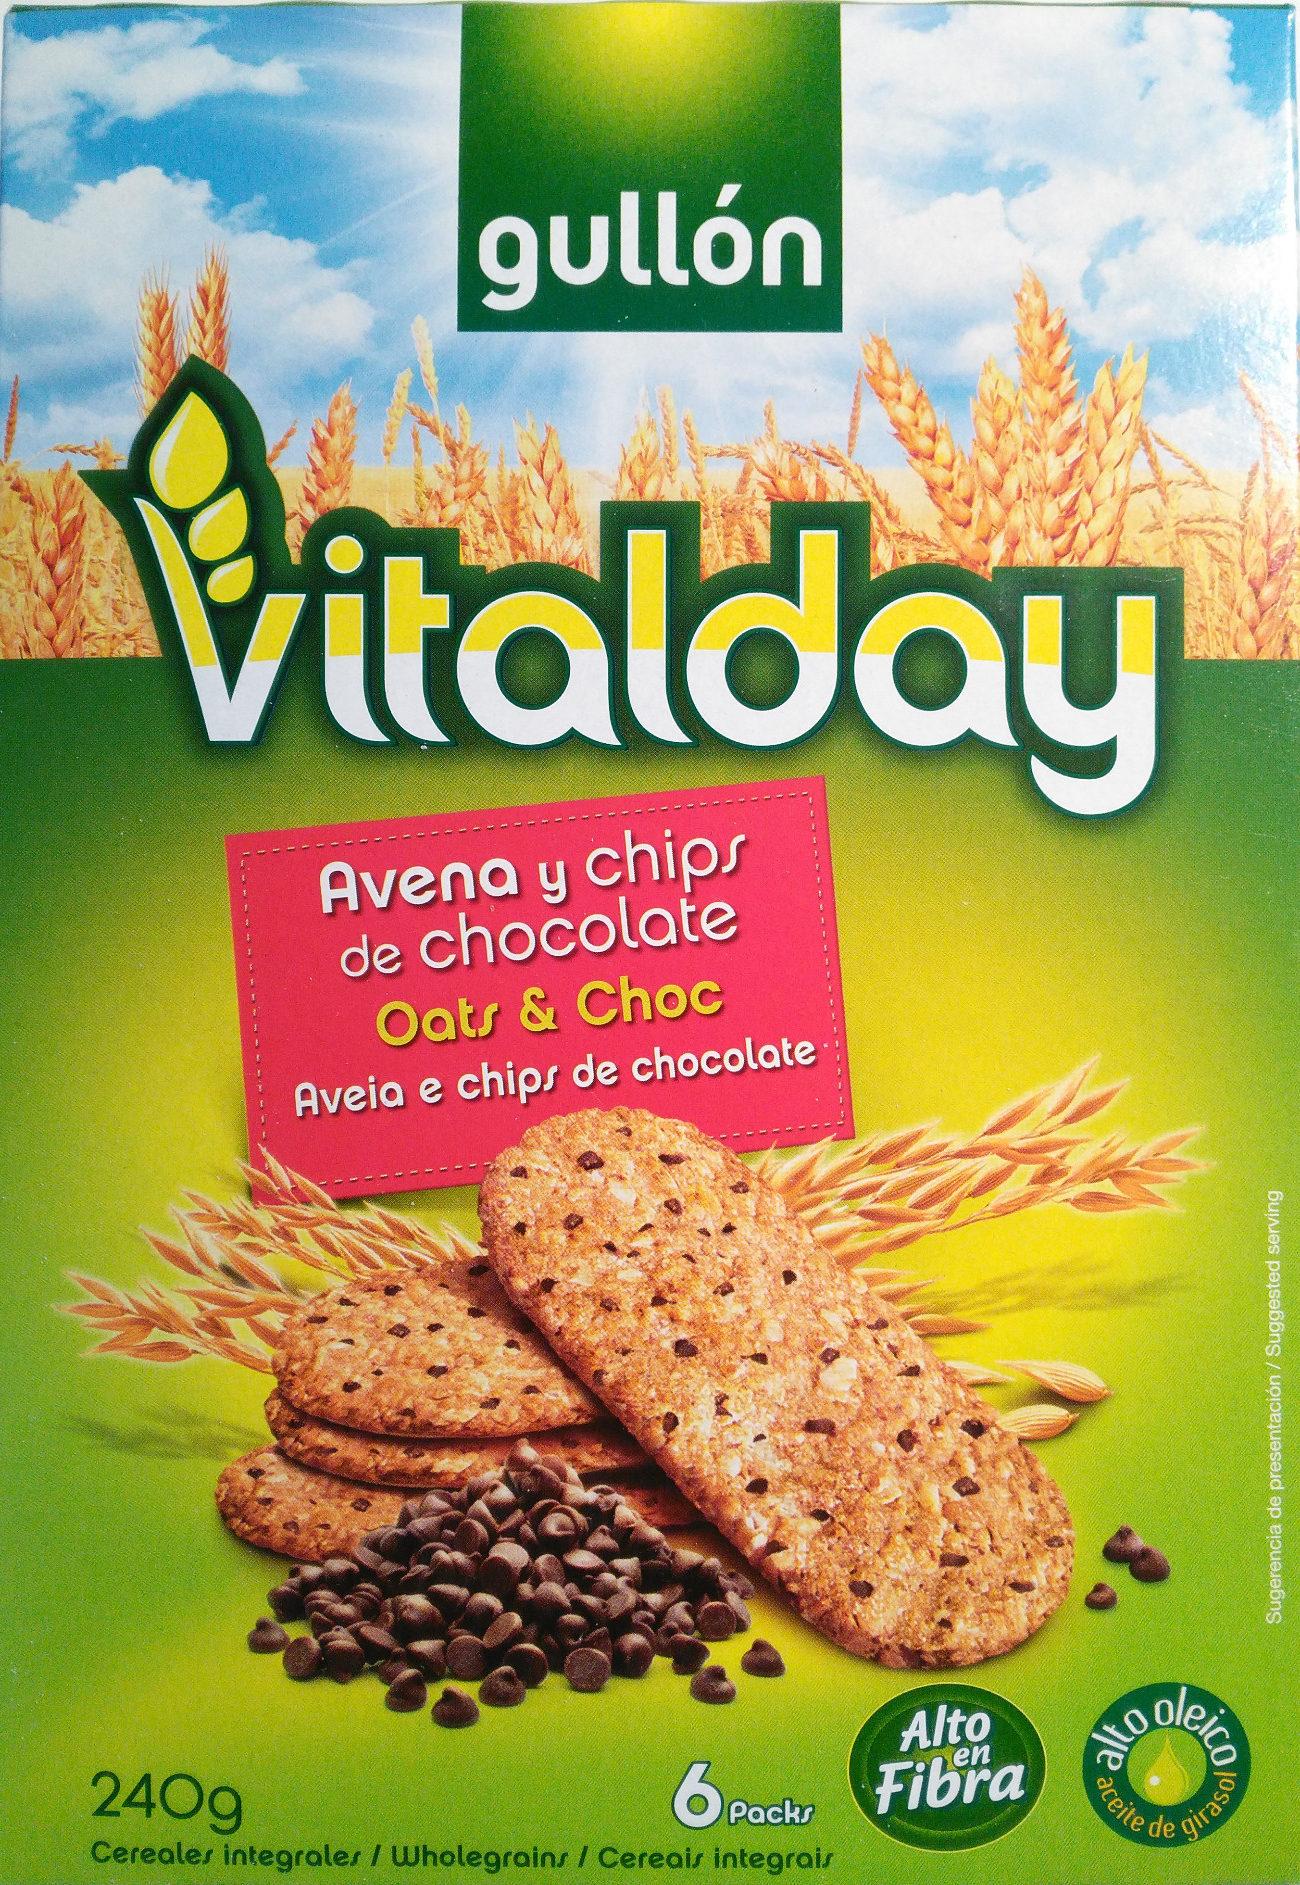 Vitalday galletas de avena con chips de chocolate - Producto - es